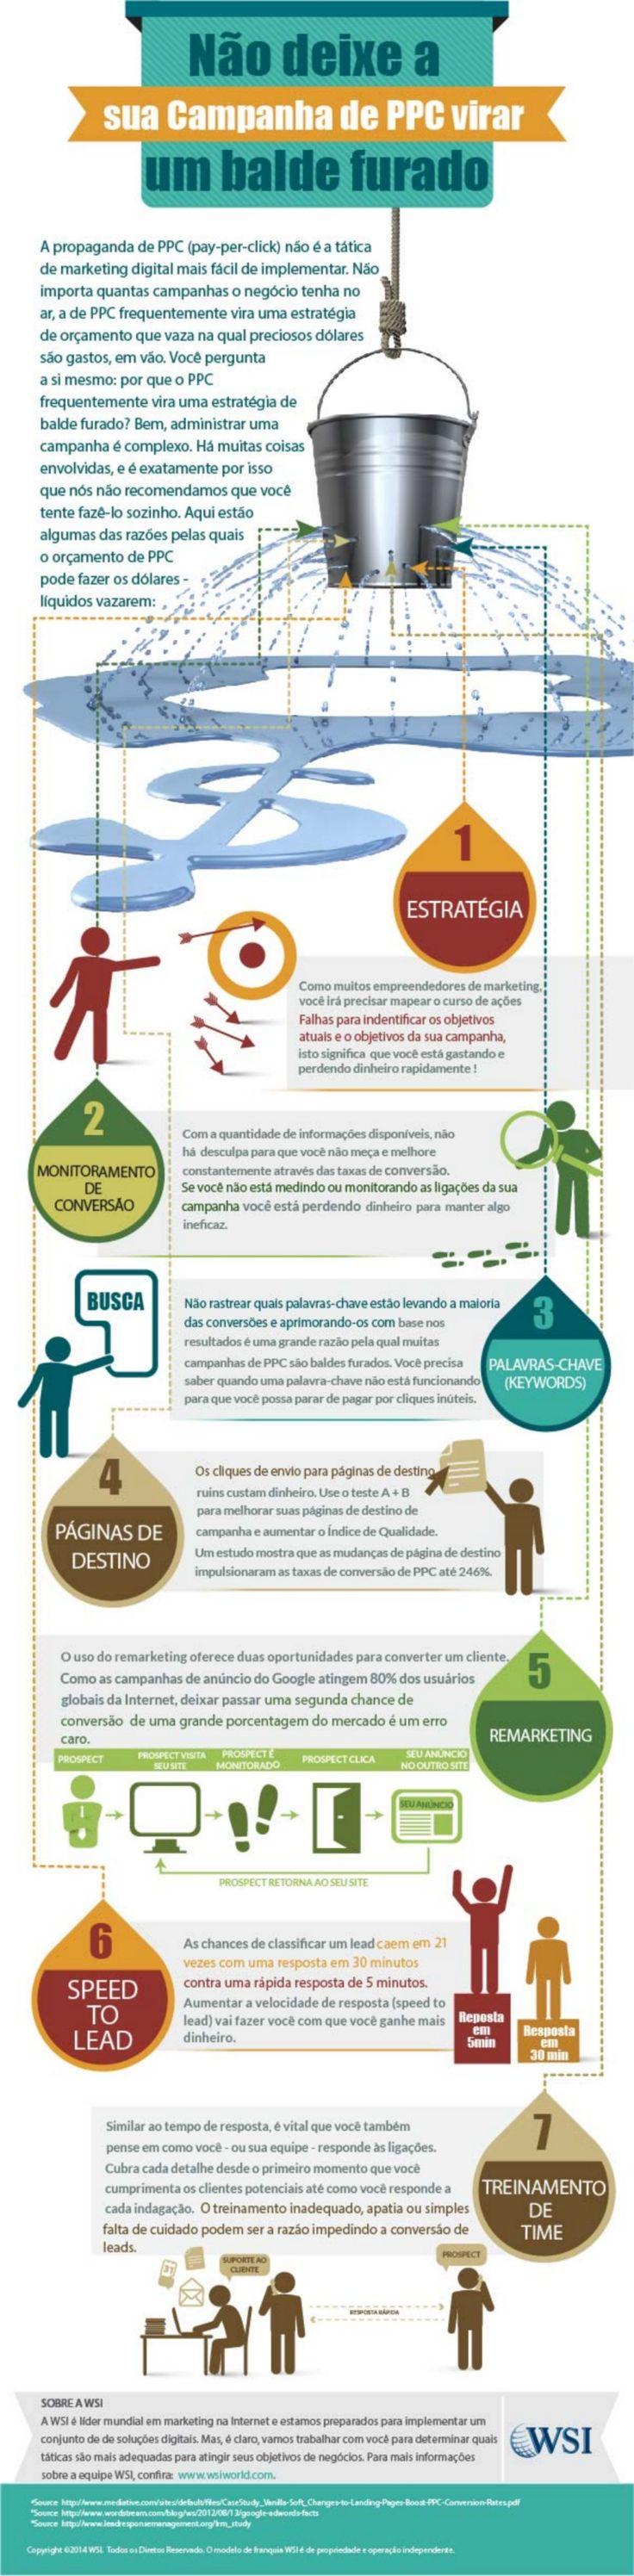 Não deixe sua campanha de PPC ir pelo ralo!  Procure um profissional de Marketing Digital.  www.wsiprofessionals.com.br